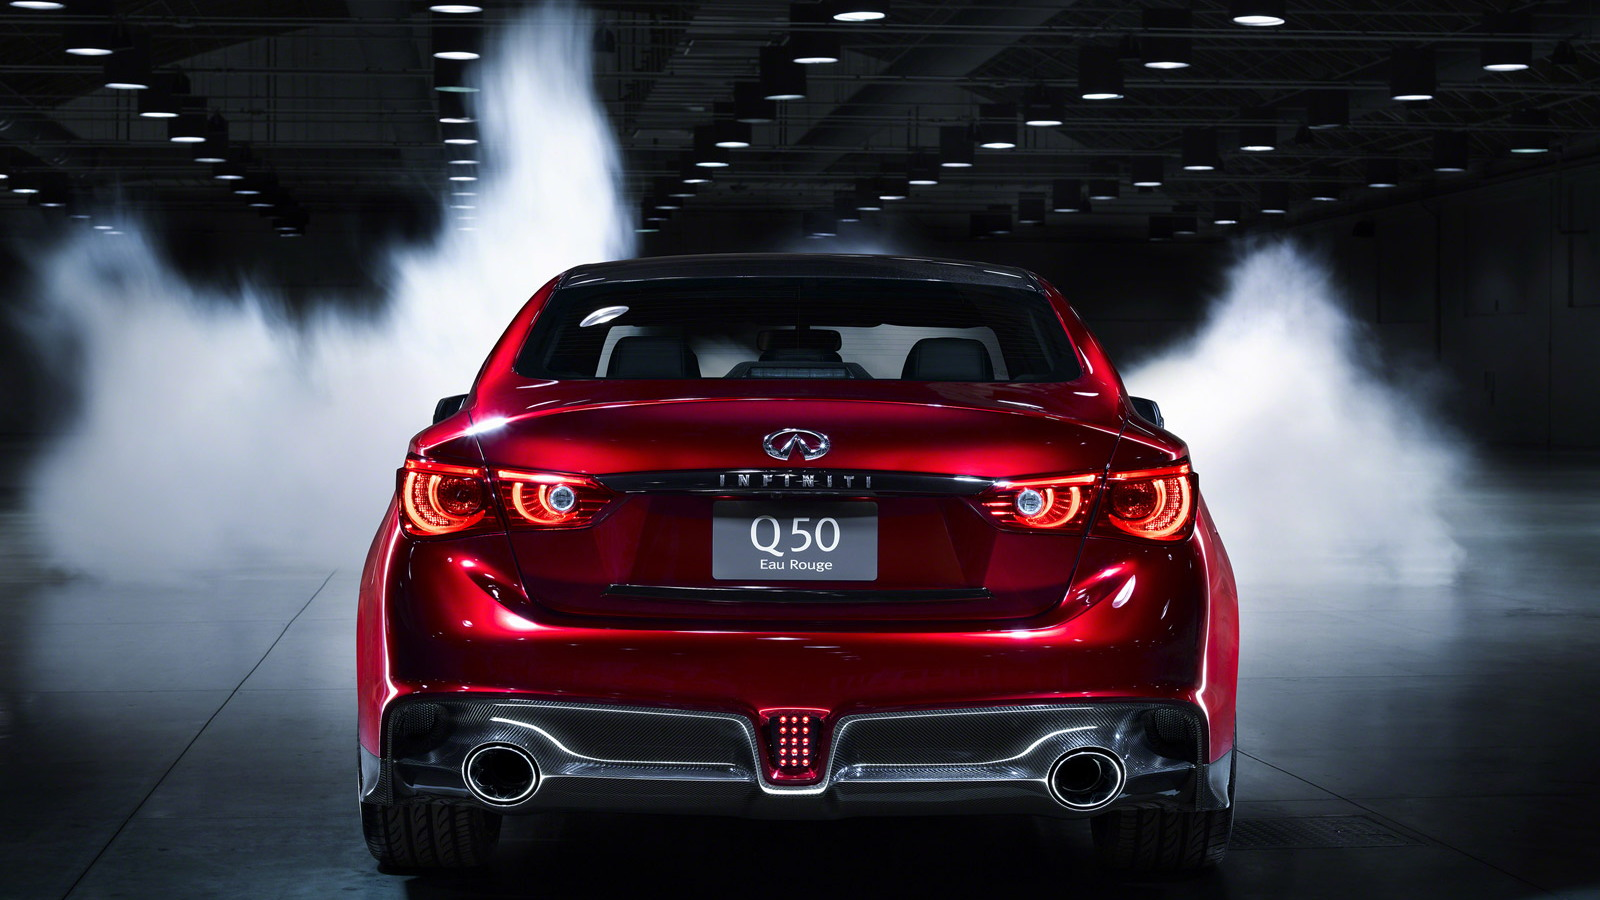 Infiniti Q50 Eau Rouge concept, 2014 Detroit Auto Show